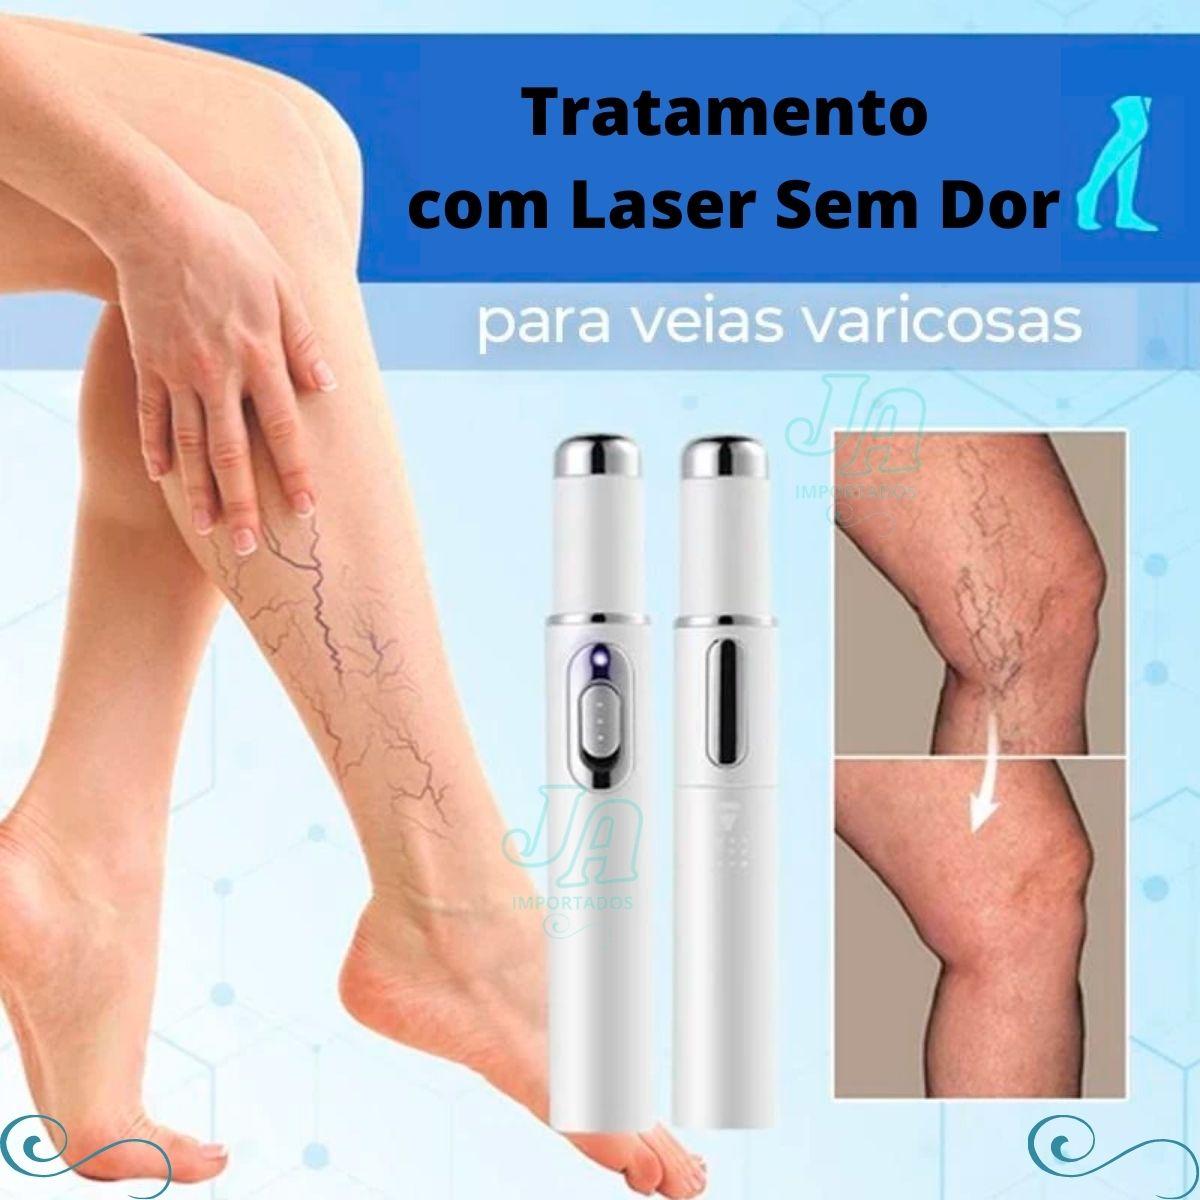 Caneta Portátil Para Tratamento De Varizes / Acne / Laser / Claro Azul / Terapia Facial / Instrumento De Beleza - COPY-KD7910-10